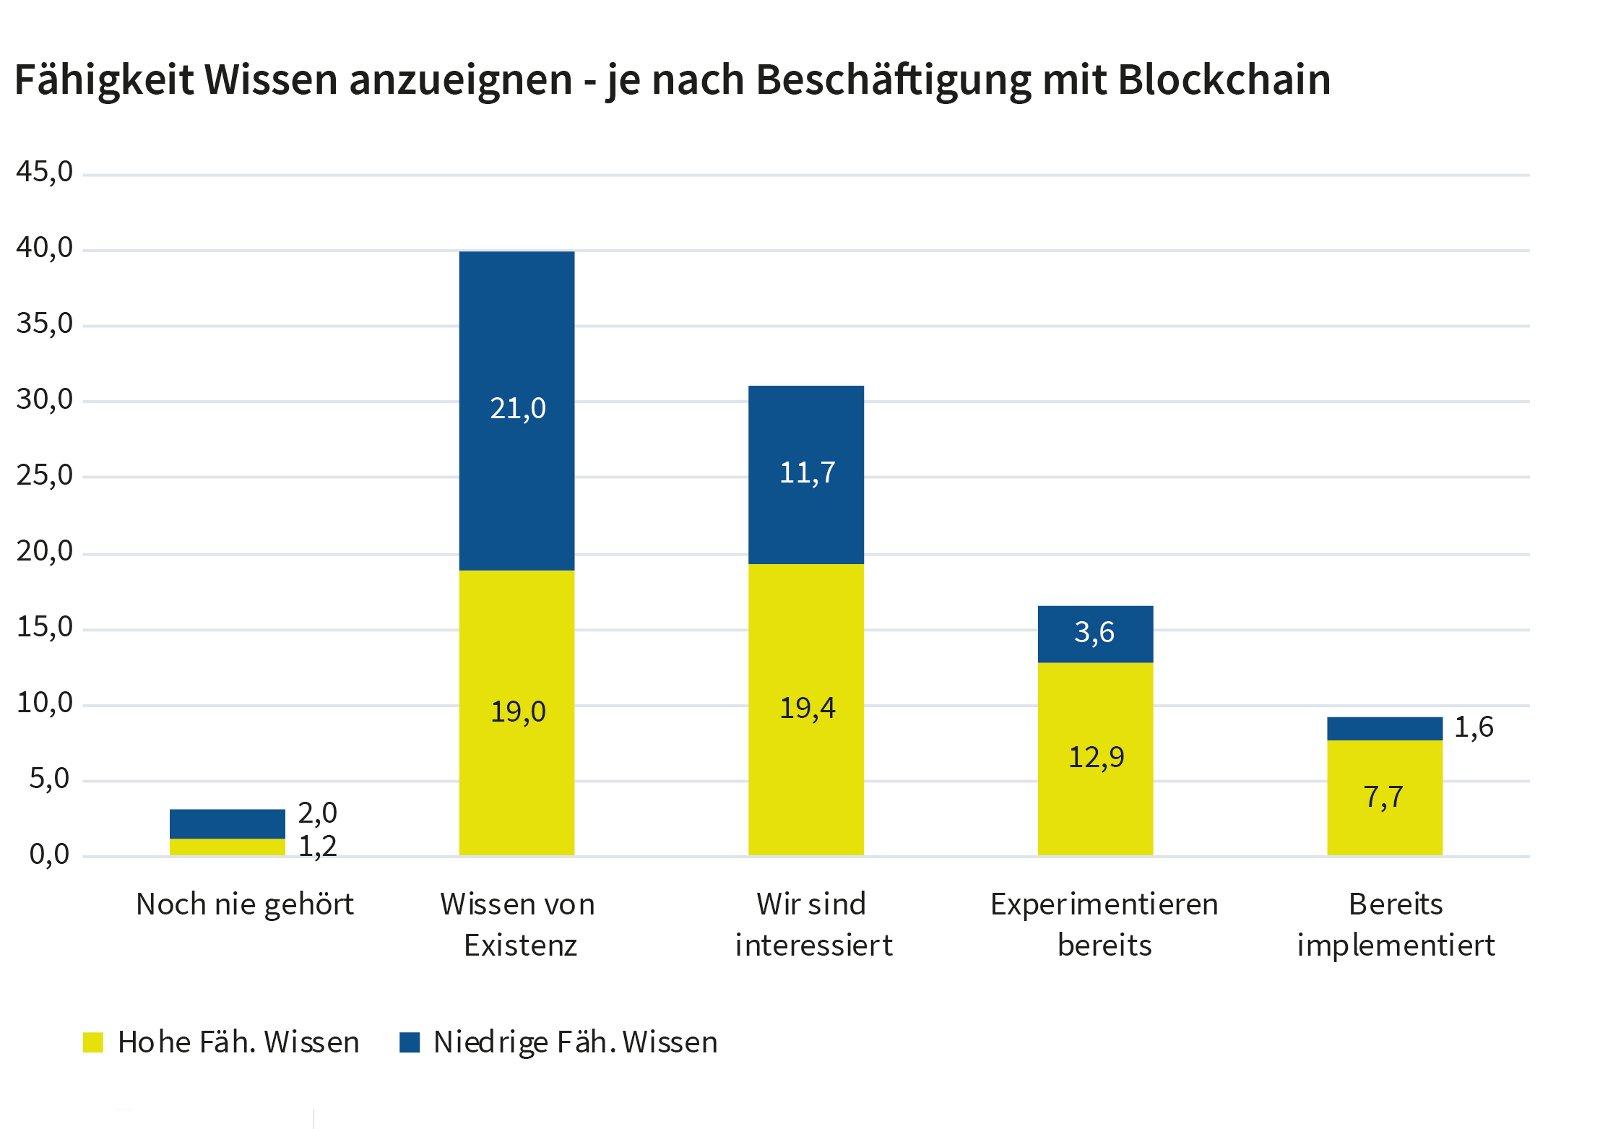 Fähigkeit Wissen anzueignen - je nach Beschäftigung mit Blockchain